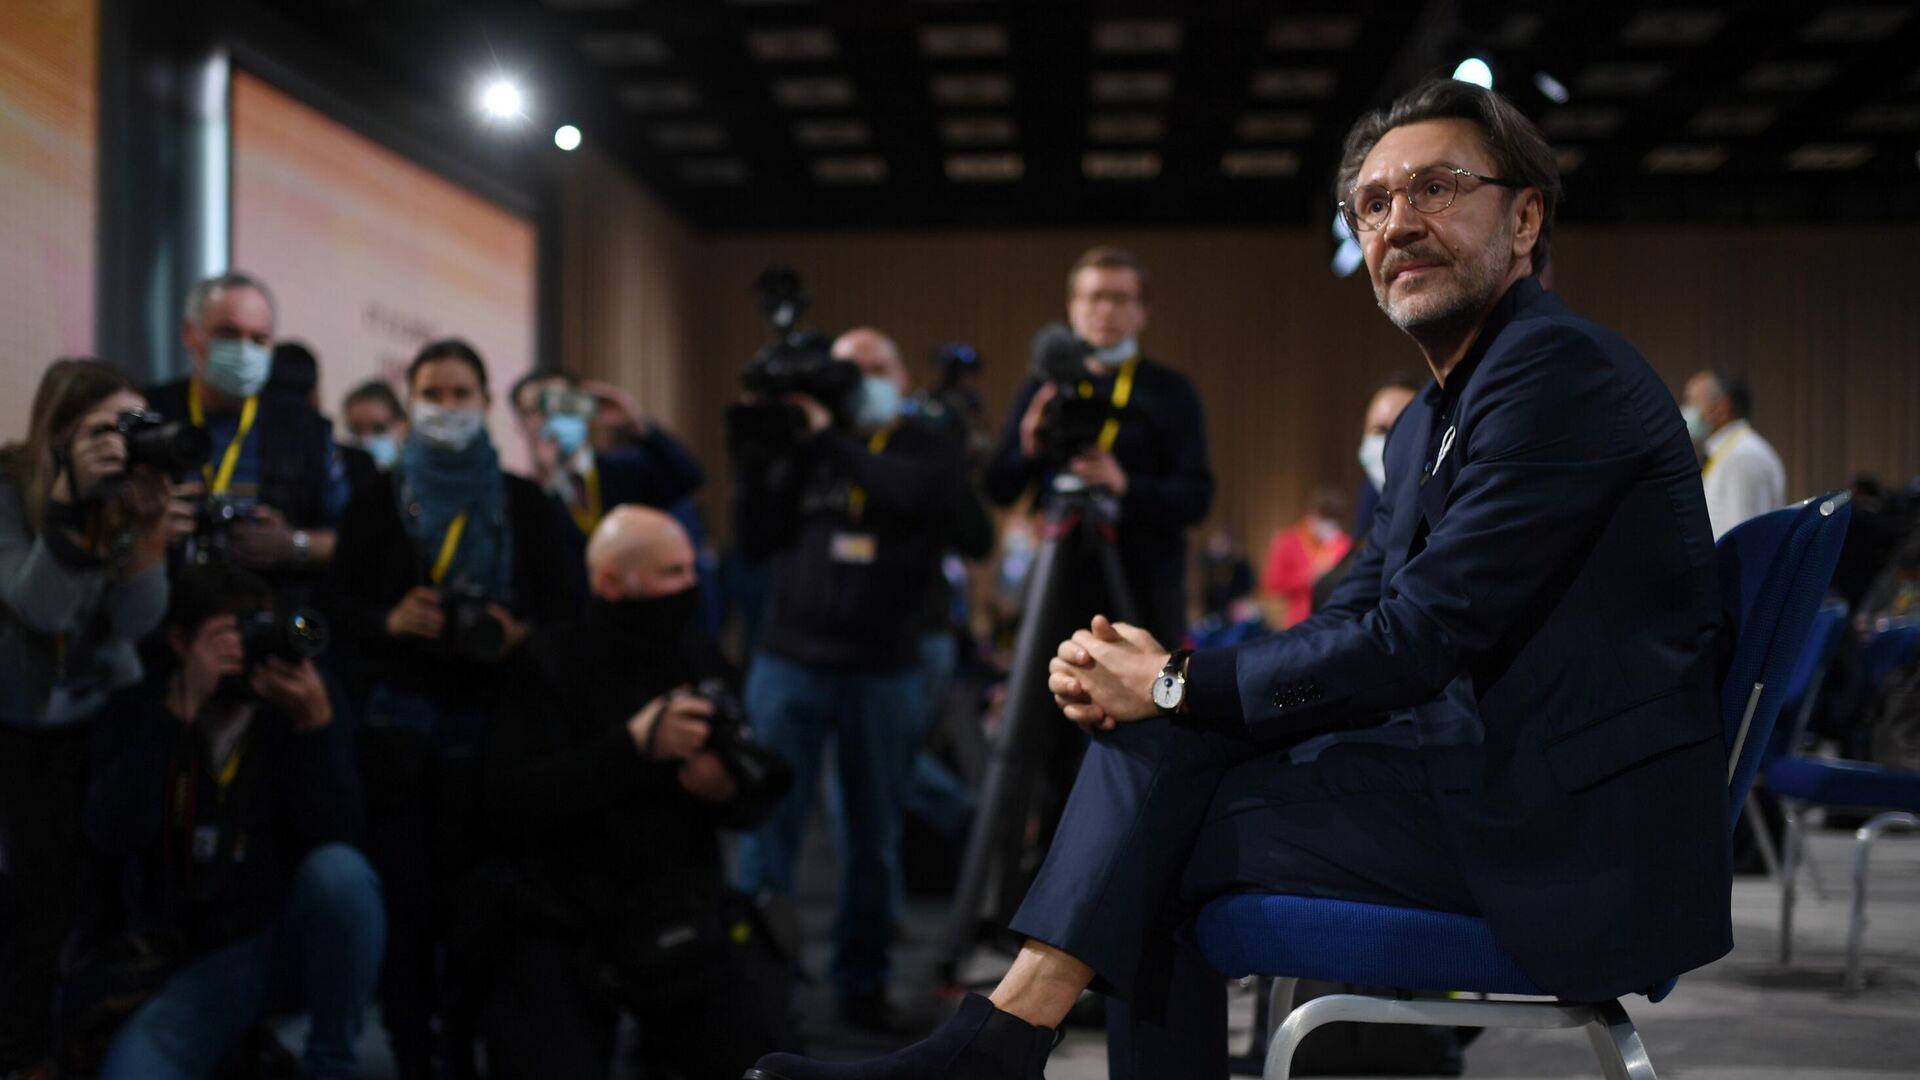 В Кремле оценили участие Шнурова в пресс-конференции Путина